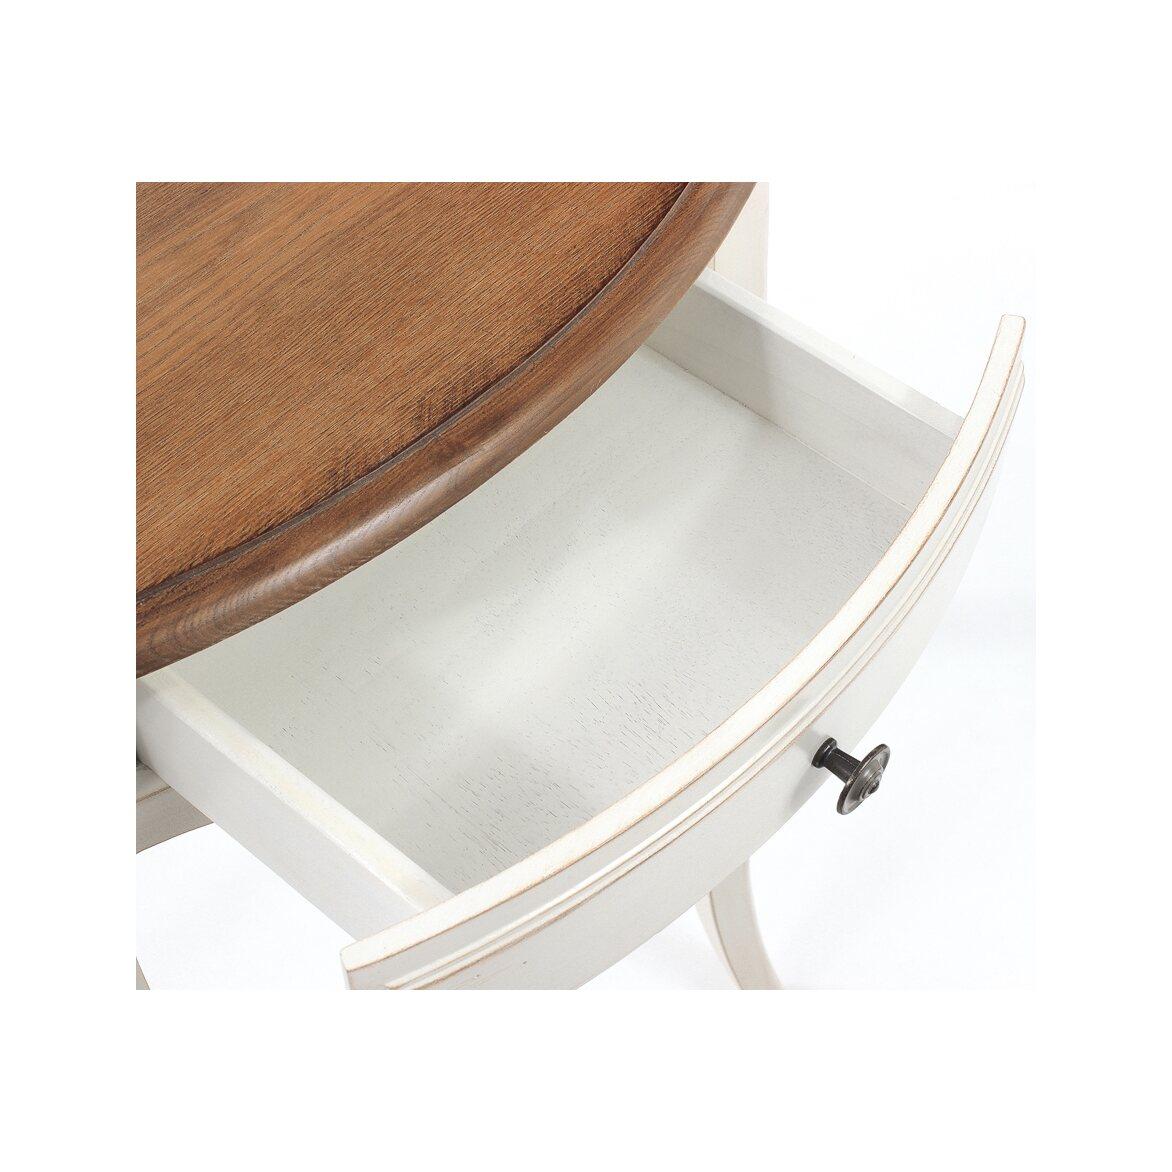 Овальная консоль (без зеркала) Leontina, бежевого цвета 3 | Консоли Kingsby